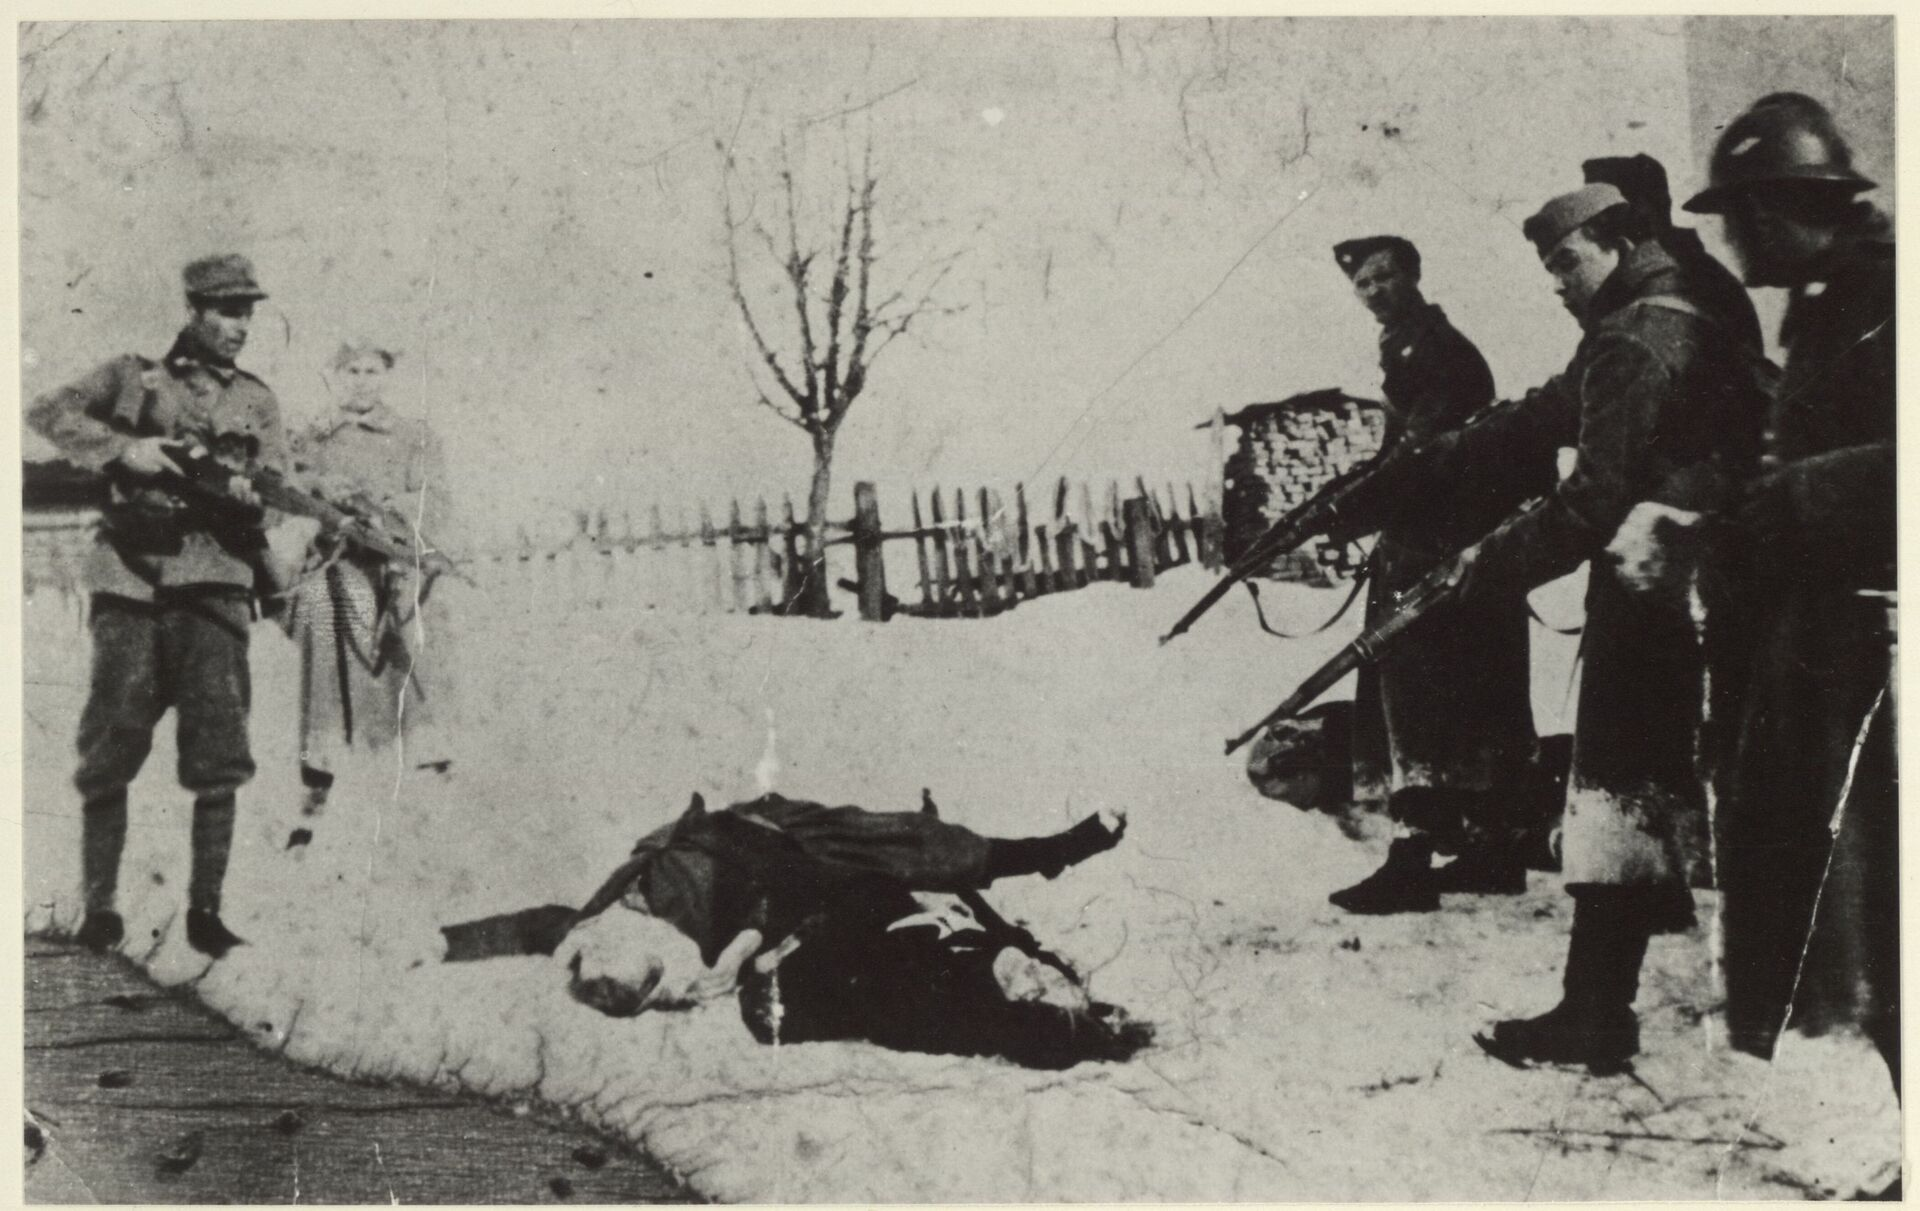 Виртуелна страхота - нови приказ највећег злочина према Србима у модерној Европи /видео/ - Sputnik Србија, 1920, 20.04.2021